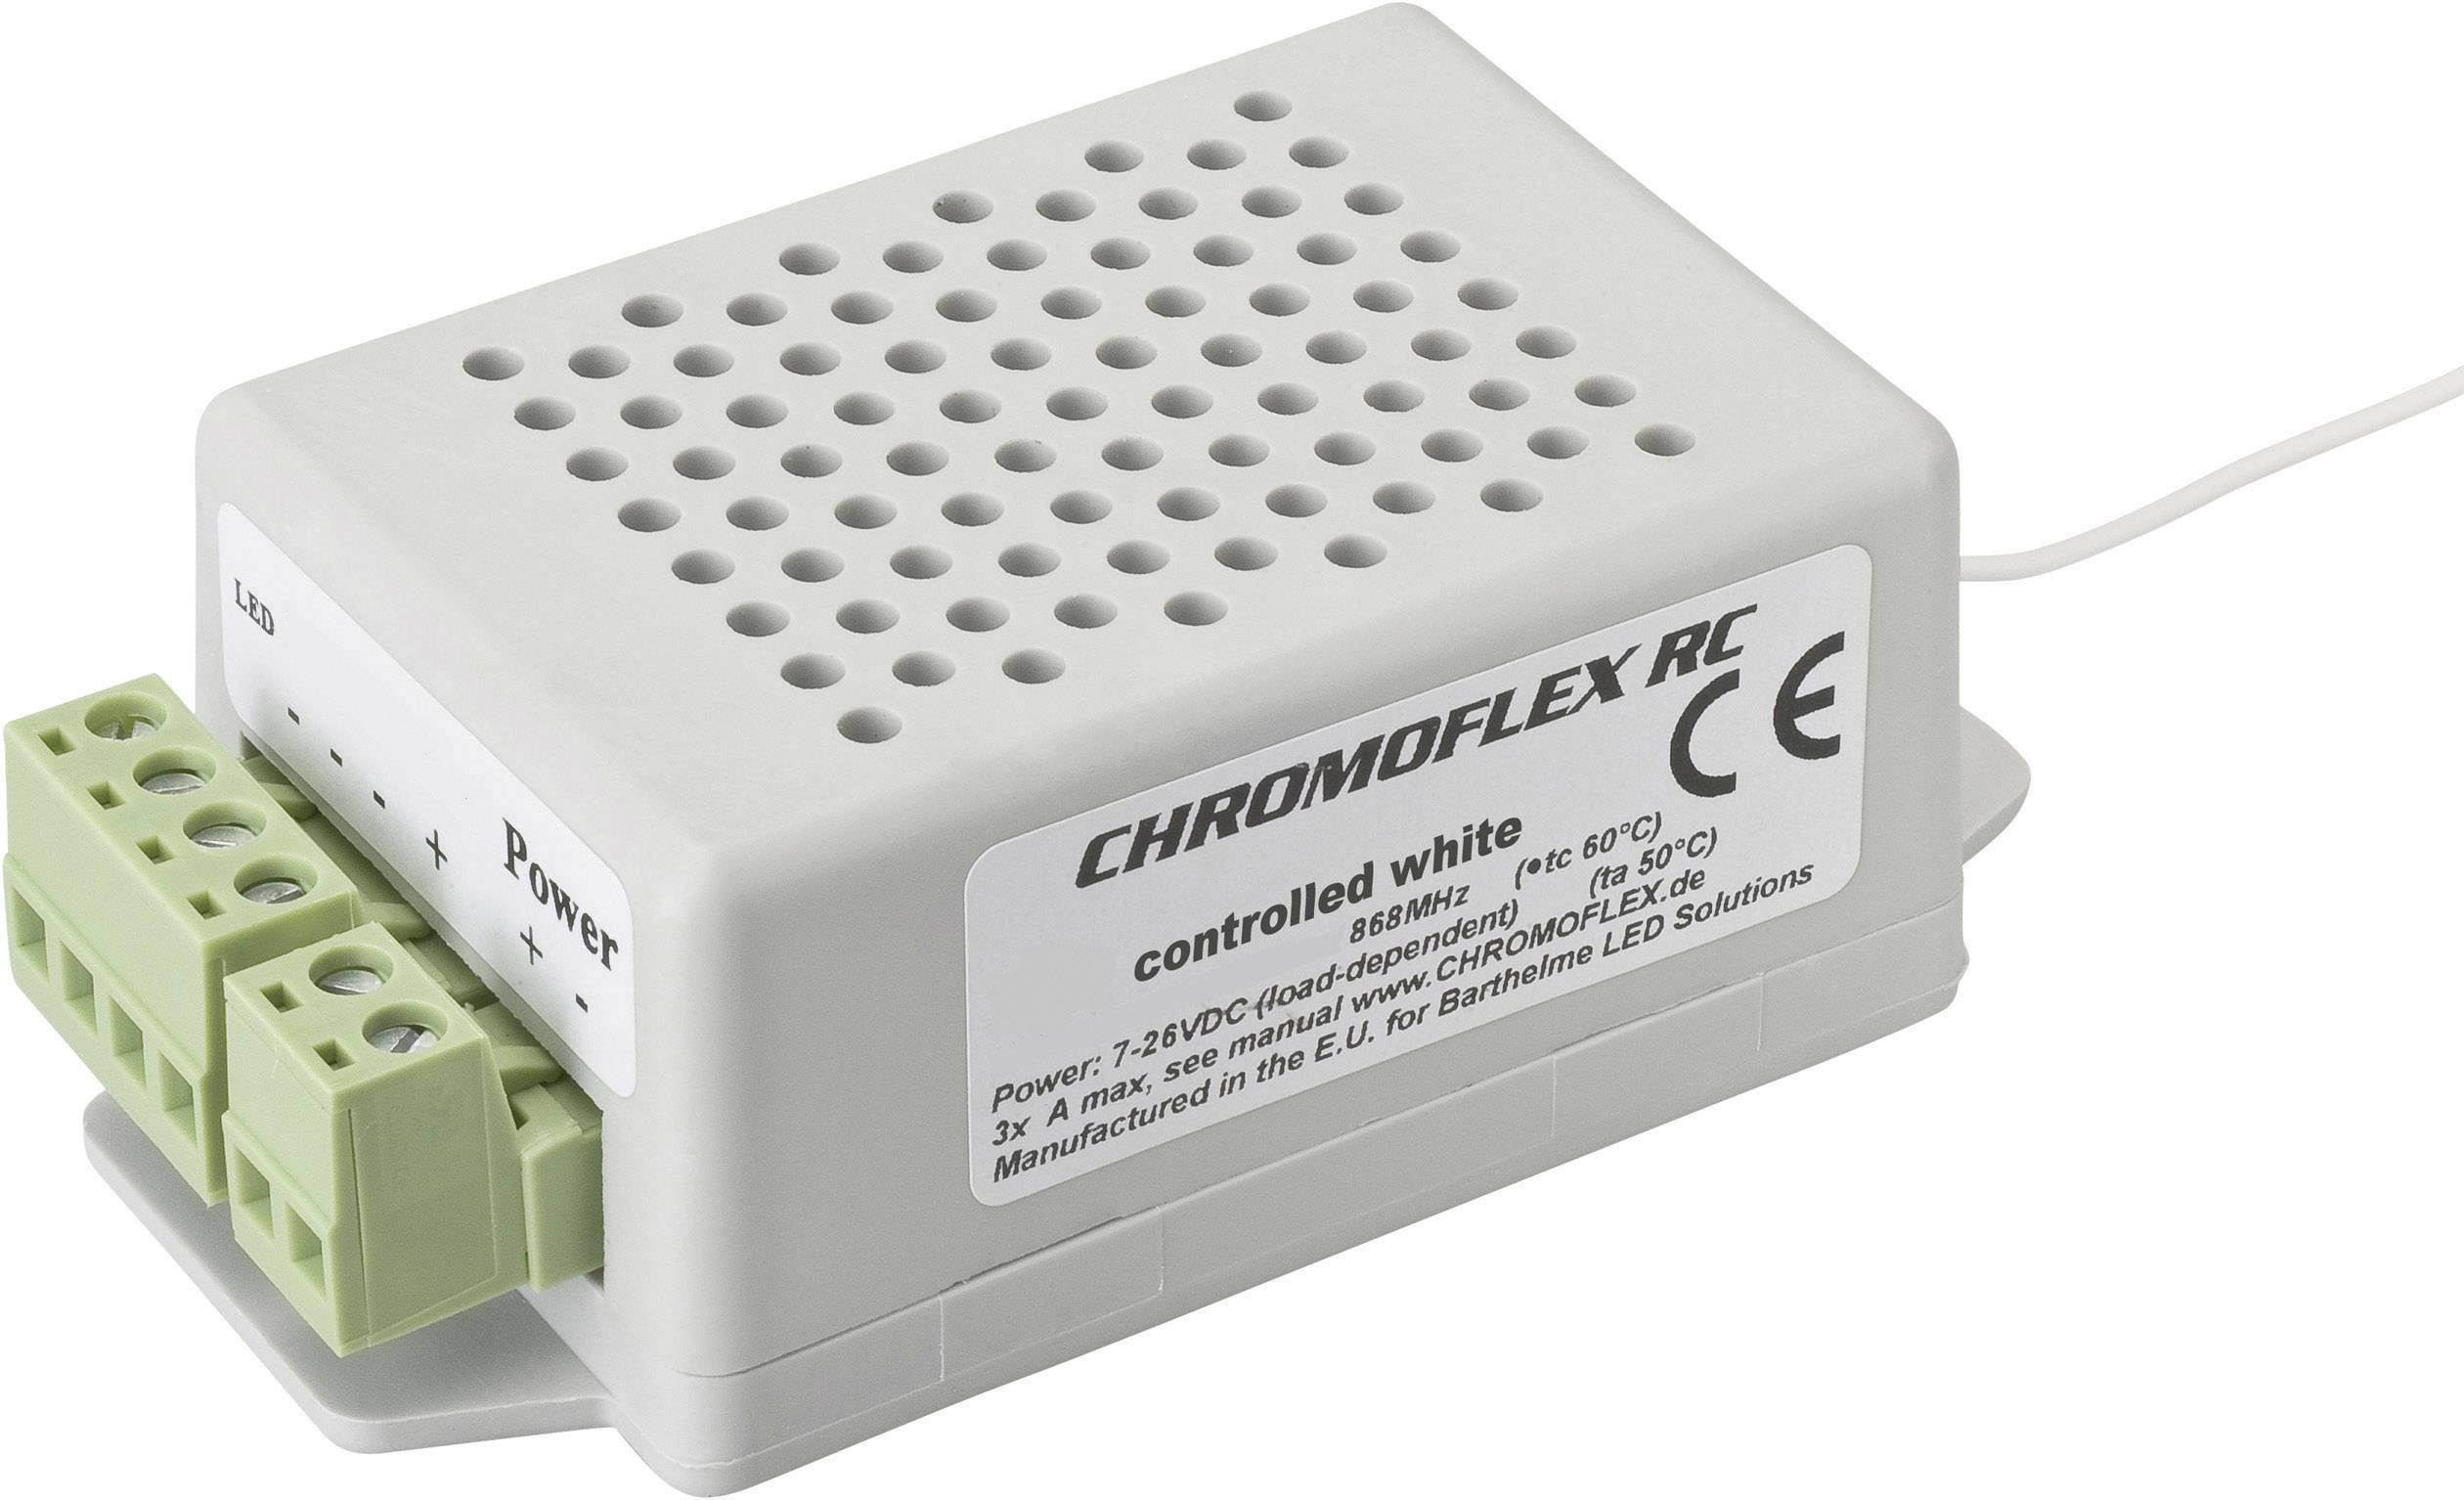 Řídicí jednotka CHROMOFLEX® III RC, i350 RC